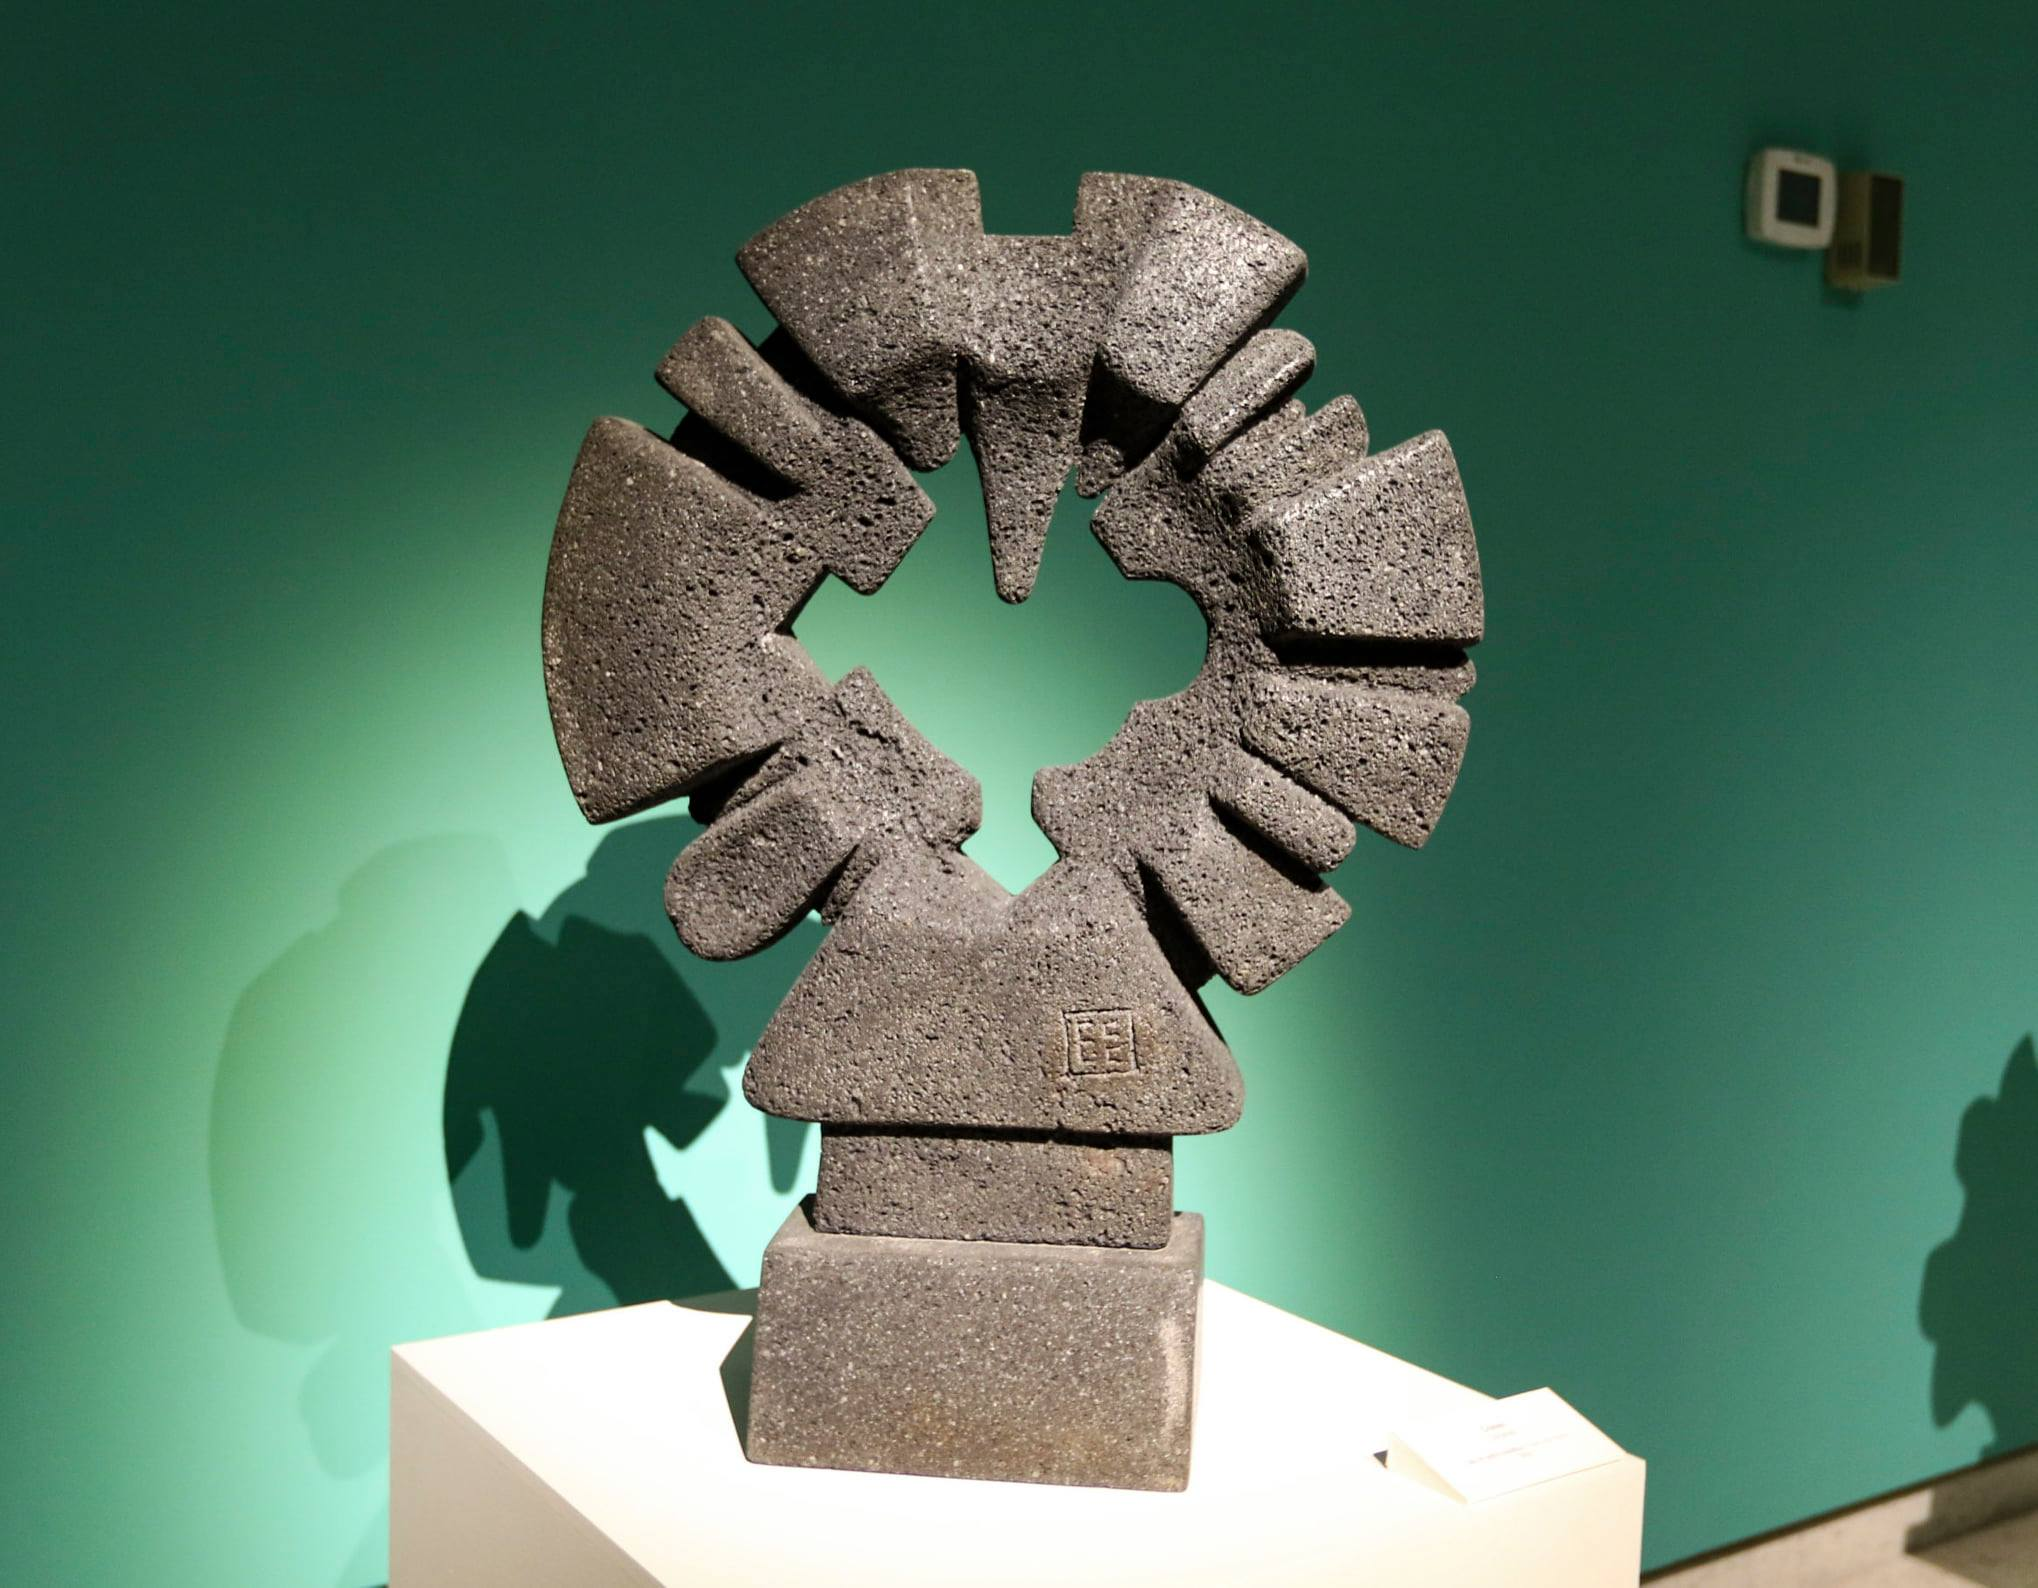 Da forma a exposición en MUSA la obra de Estanislao Contreras